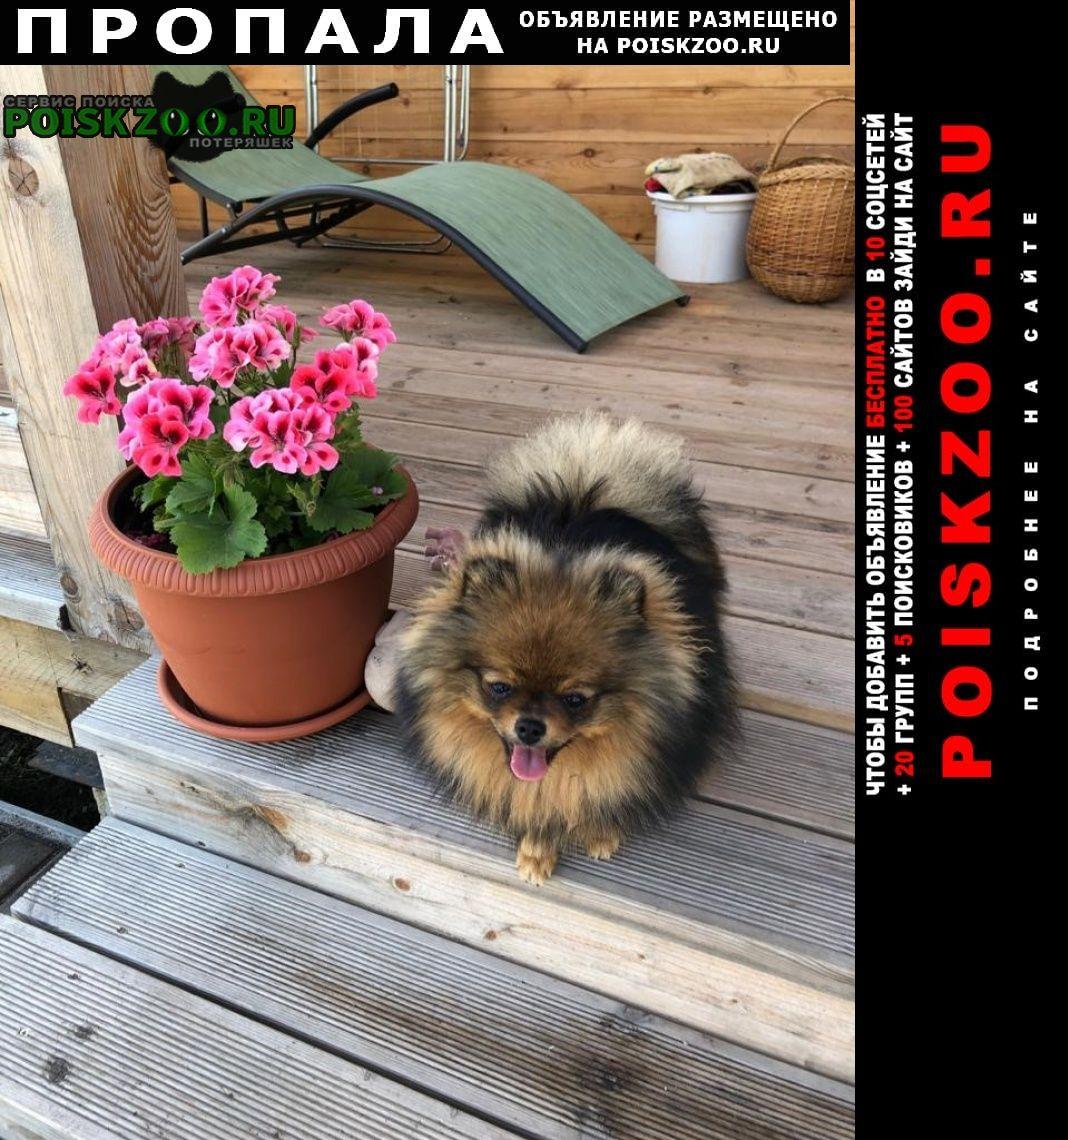 Пропала собака девочка карликовый шпиц Гатчина